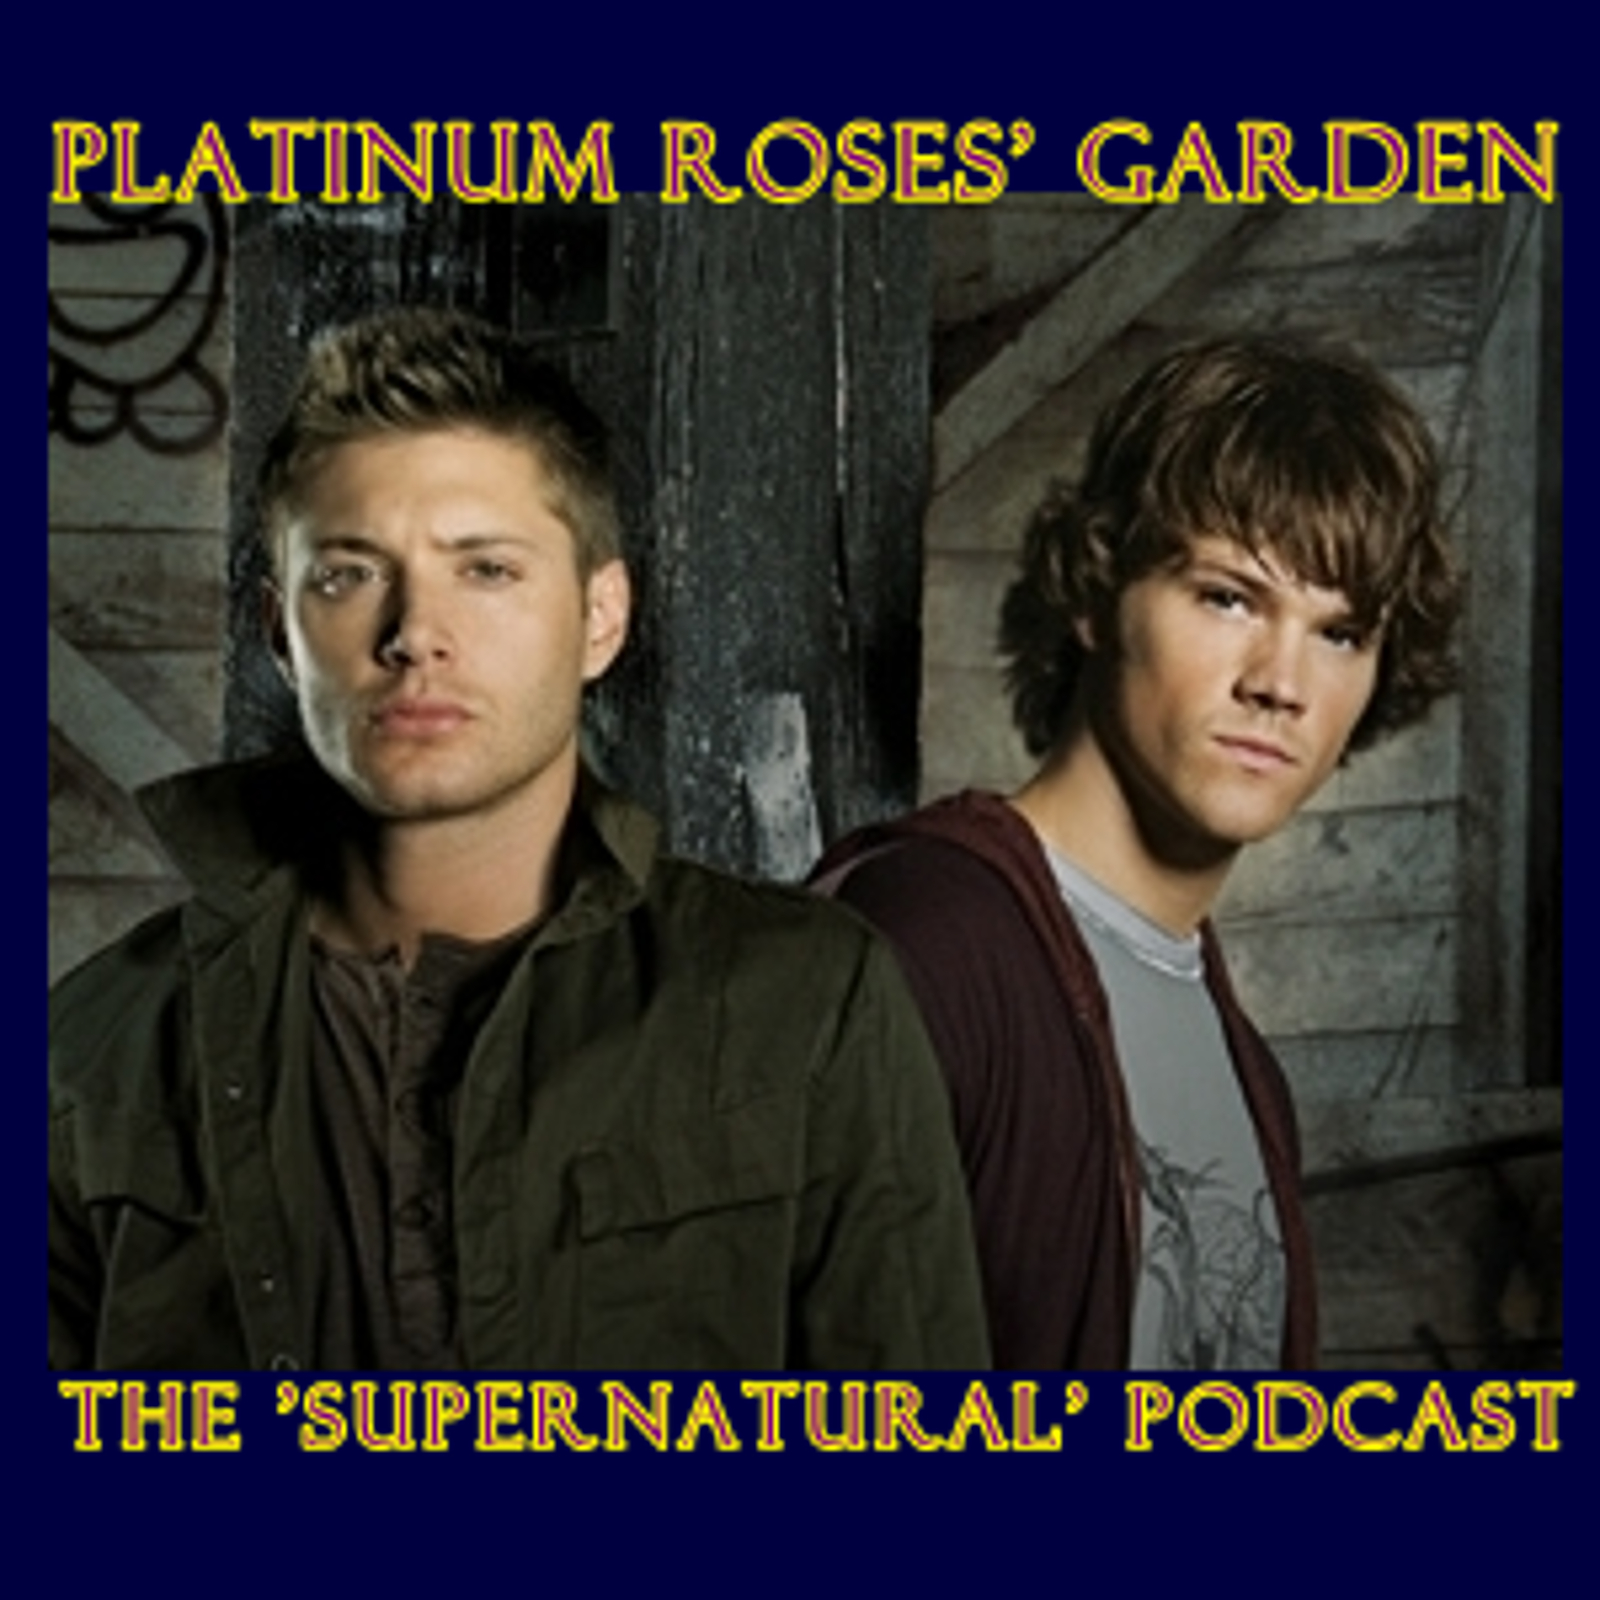 Artwork for Platinum Roses' Garden - Jnue 17 2012